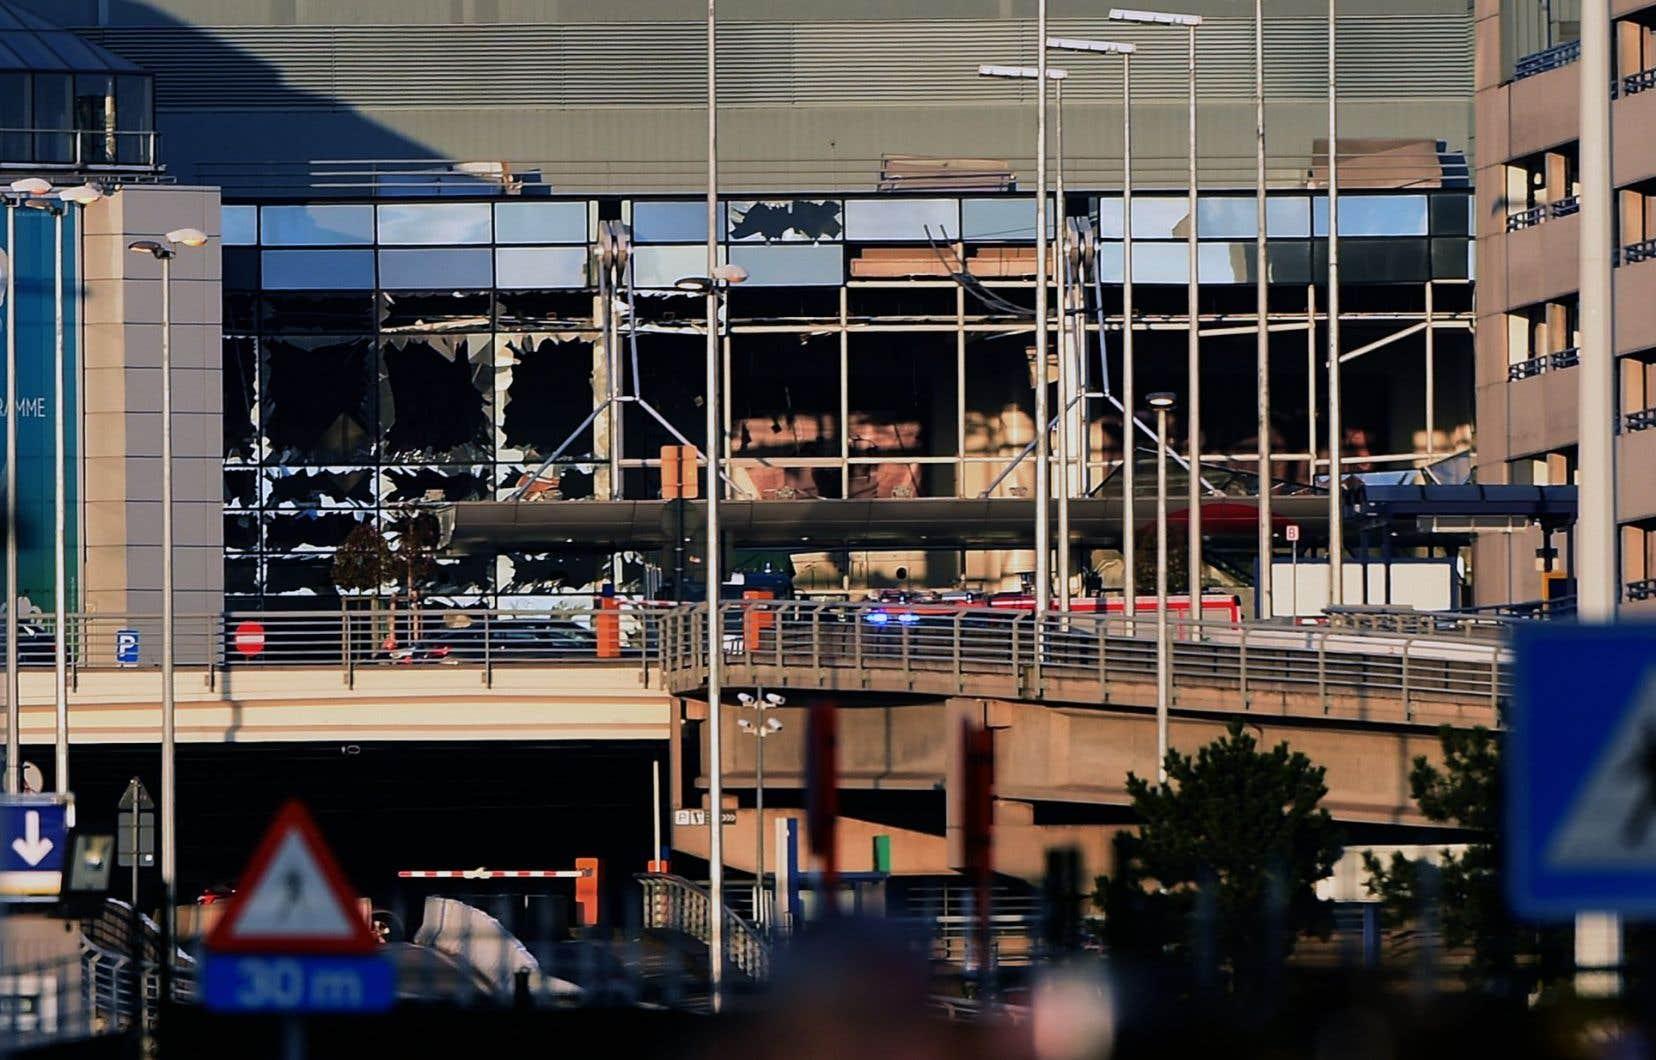 Trente-deux personnes sont décédées le 22 mars 2016, en plus des kamikazes, dans une série d'attentats suicides à la bombe survenus à l'aéroport et dans une station de métro de Bruxelles. 340 personnes ont également été blessées.